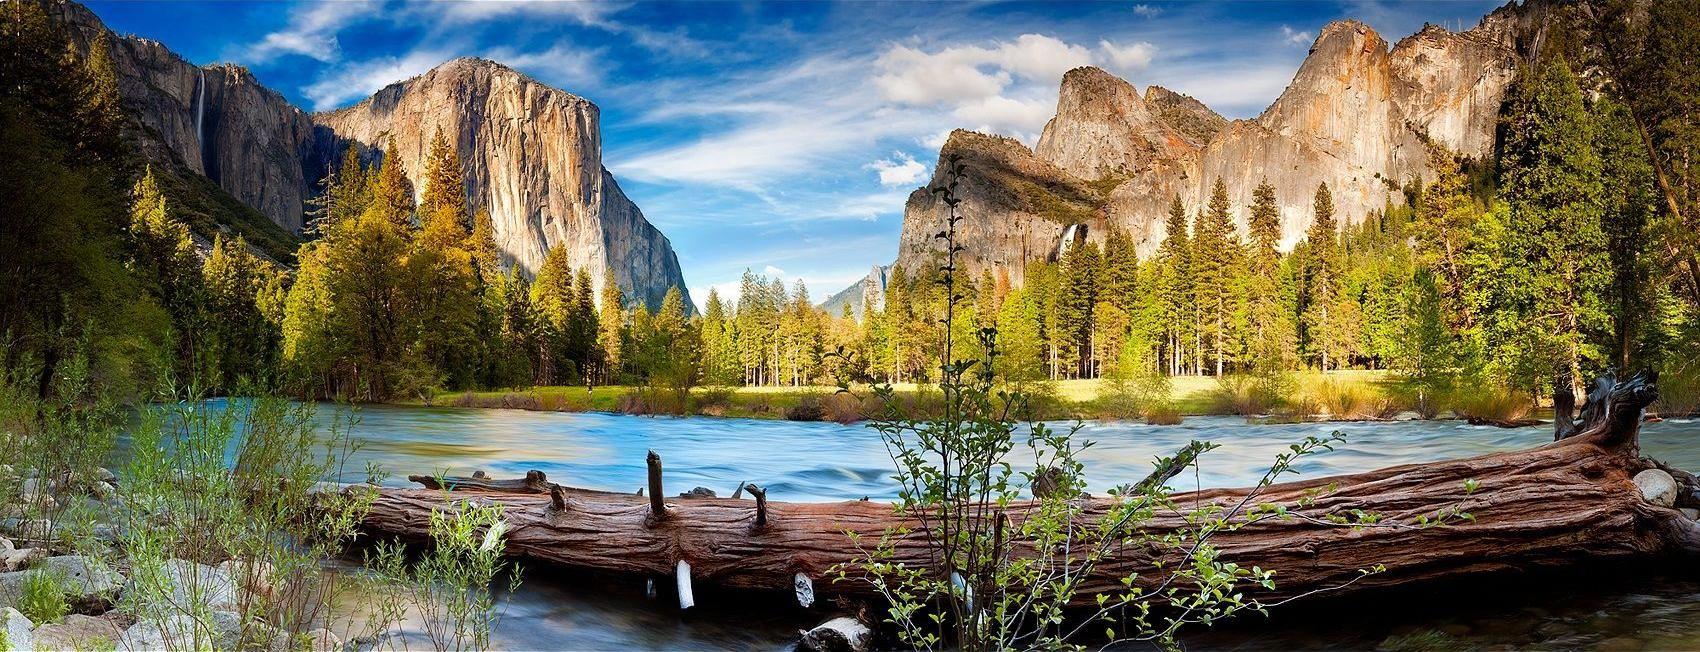 3b7ca46093 Parque nacional de Yosemite